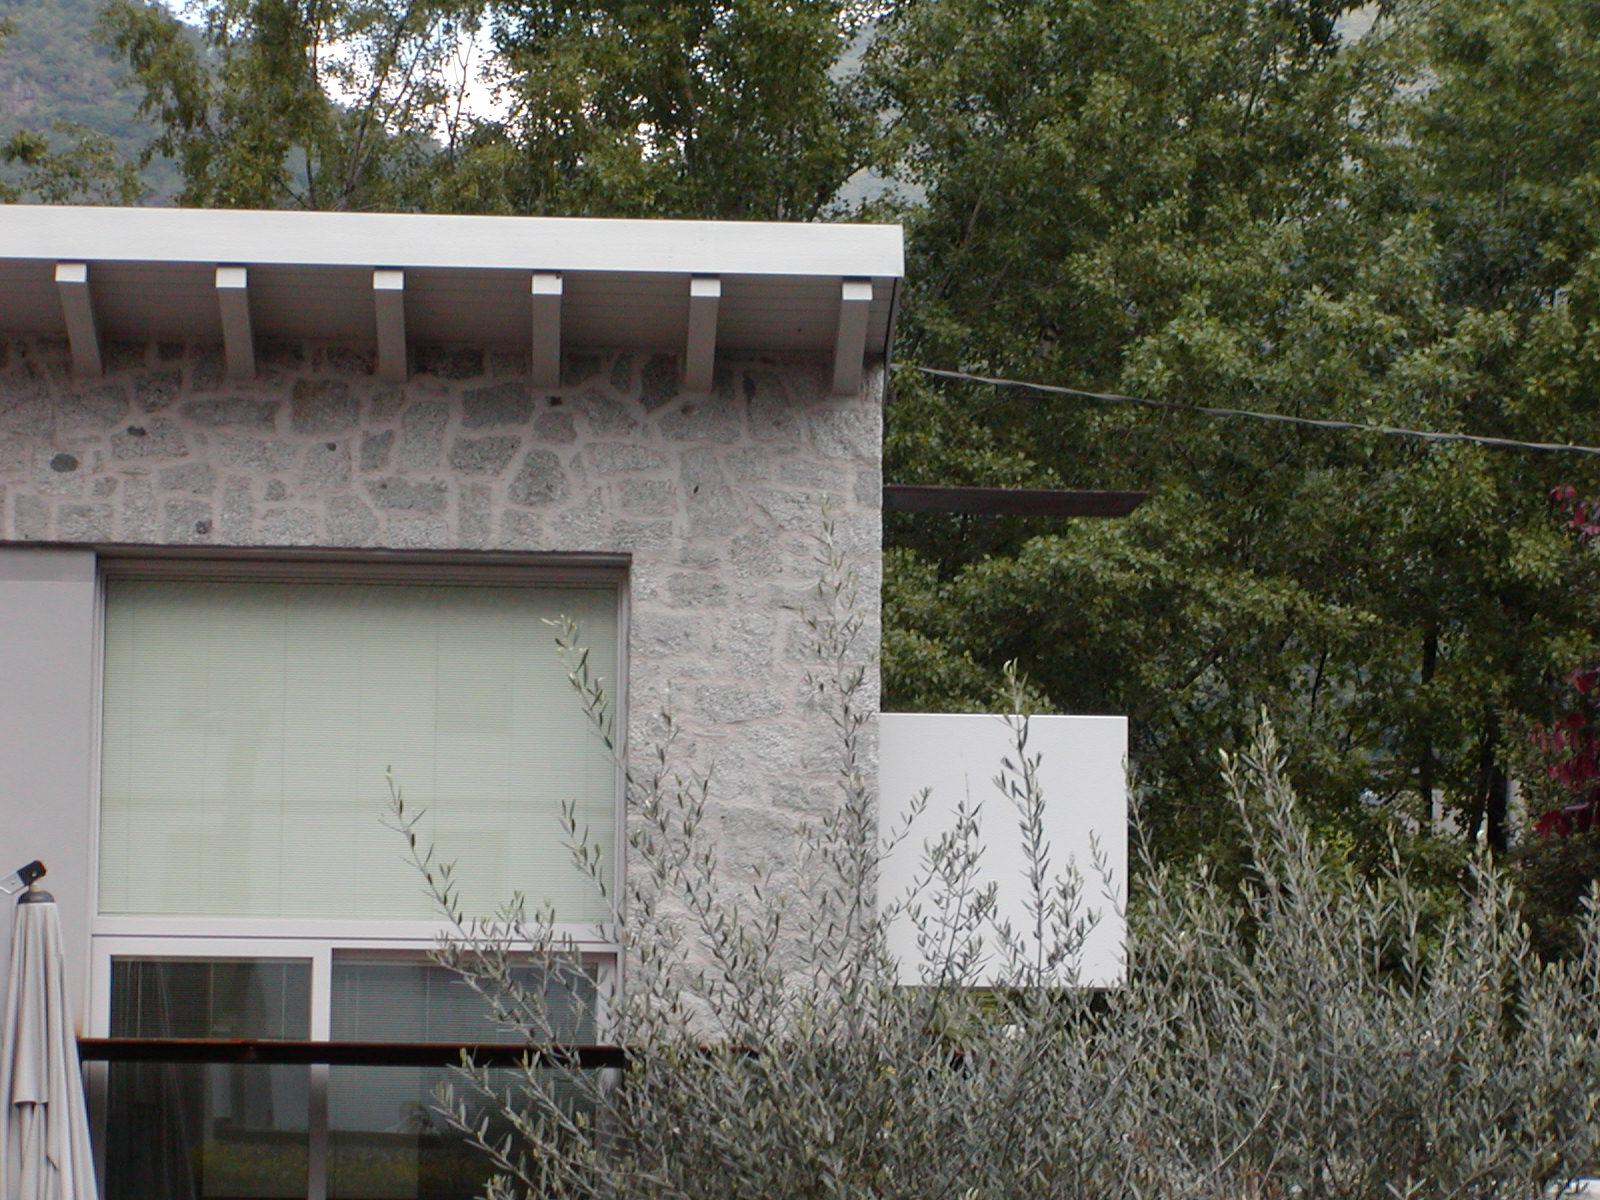 Studio-di-architettura-Baisotti-Sigala-prgetti97